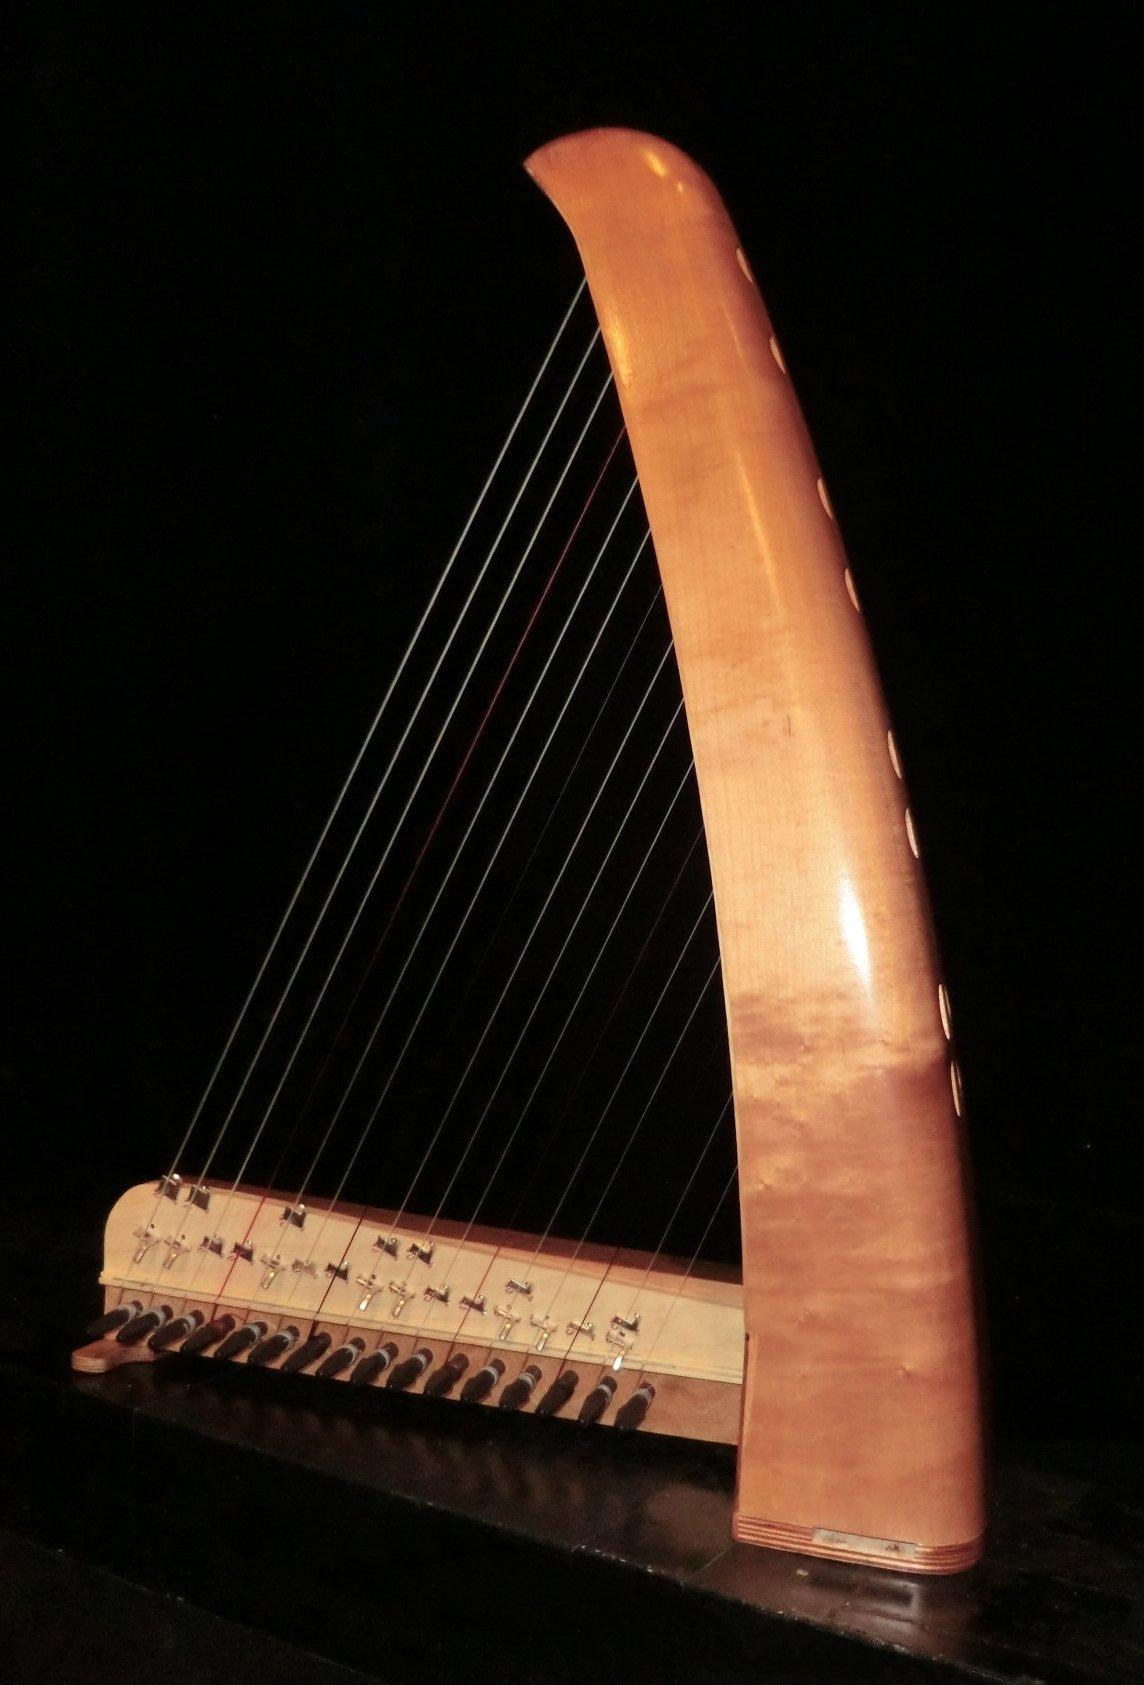 Çeng - Das vergessene Instrument Anatoliens - © Metin Demirel